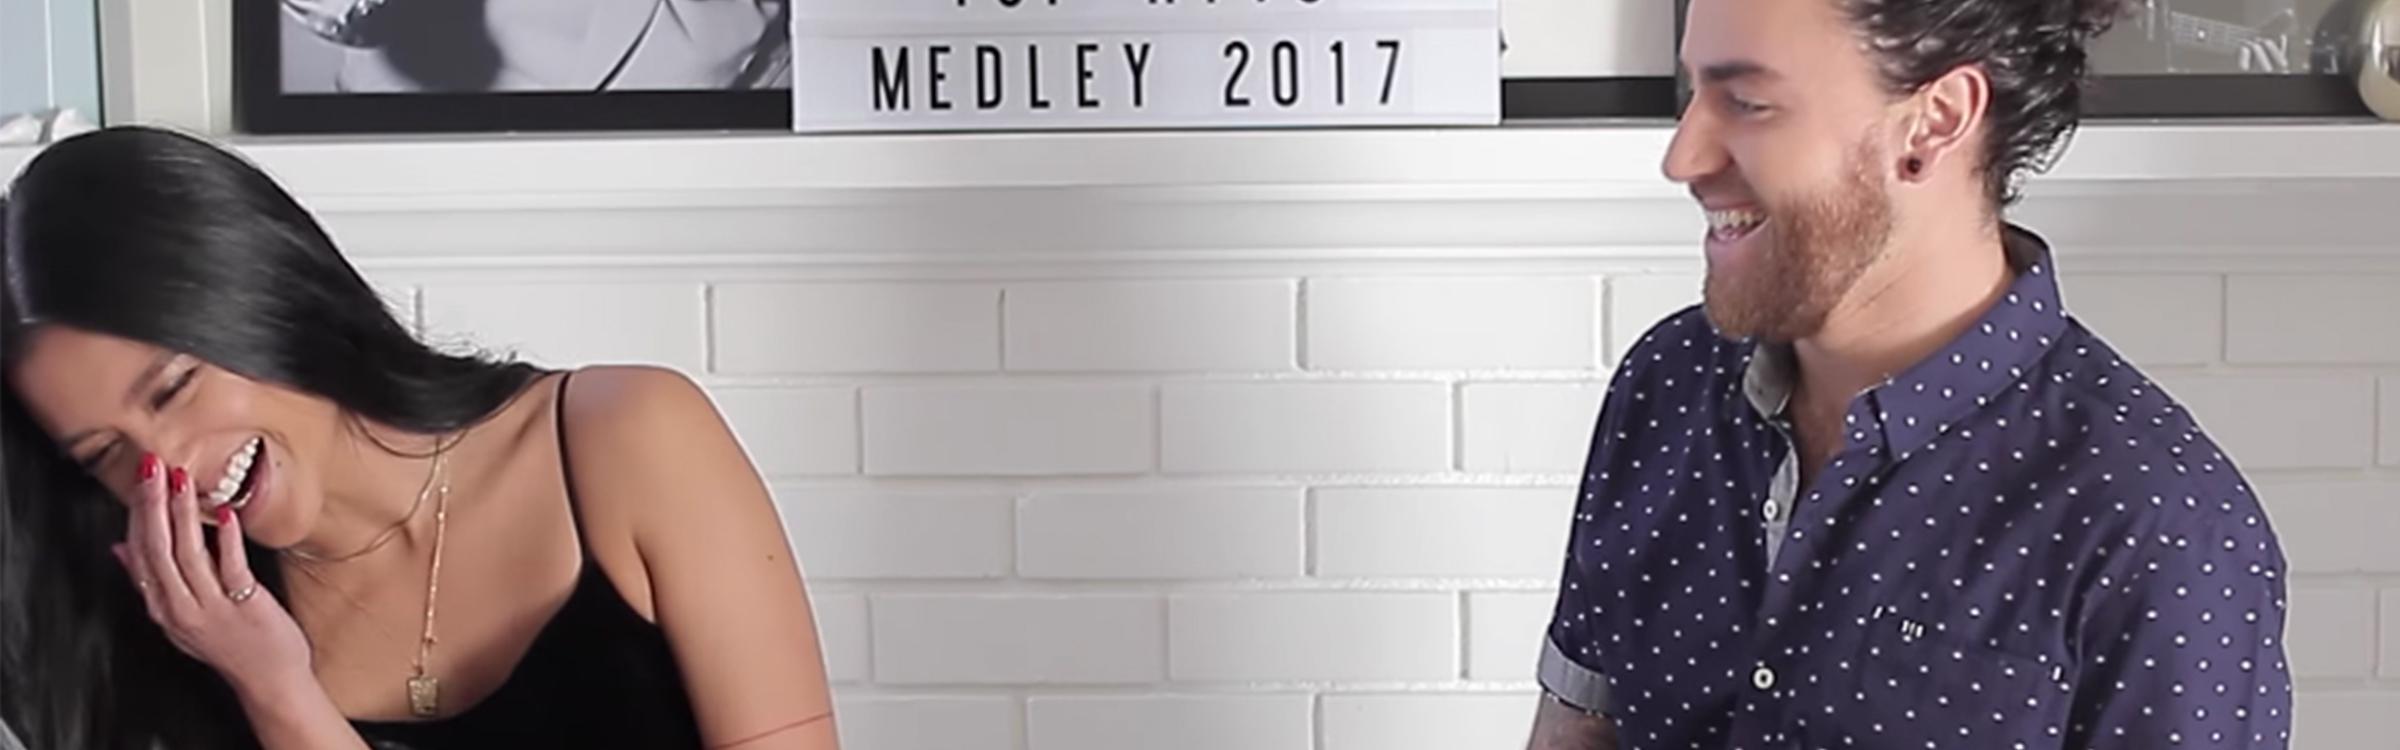 Medleyh